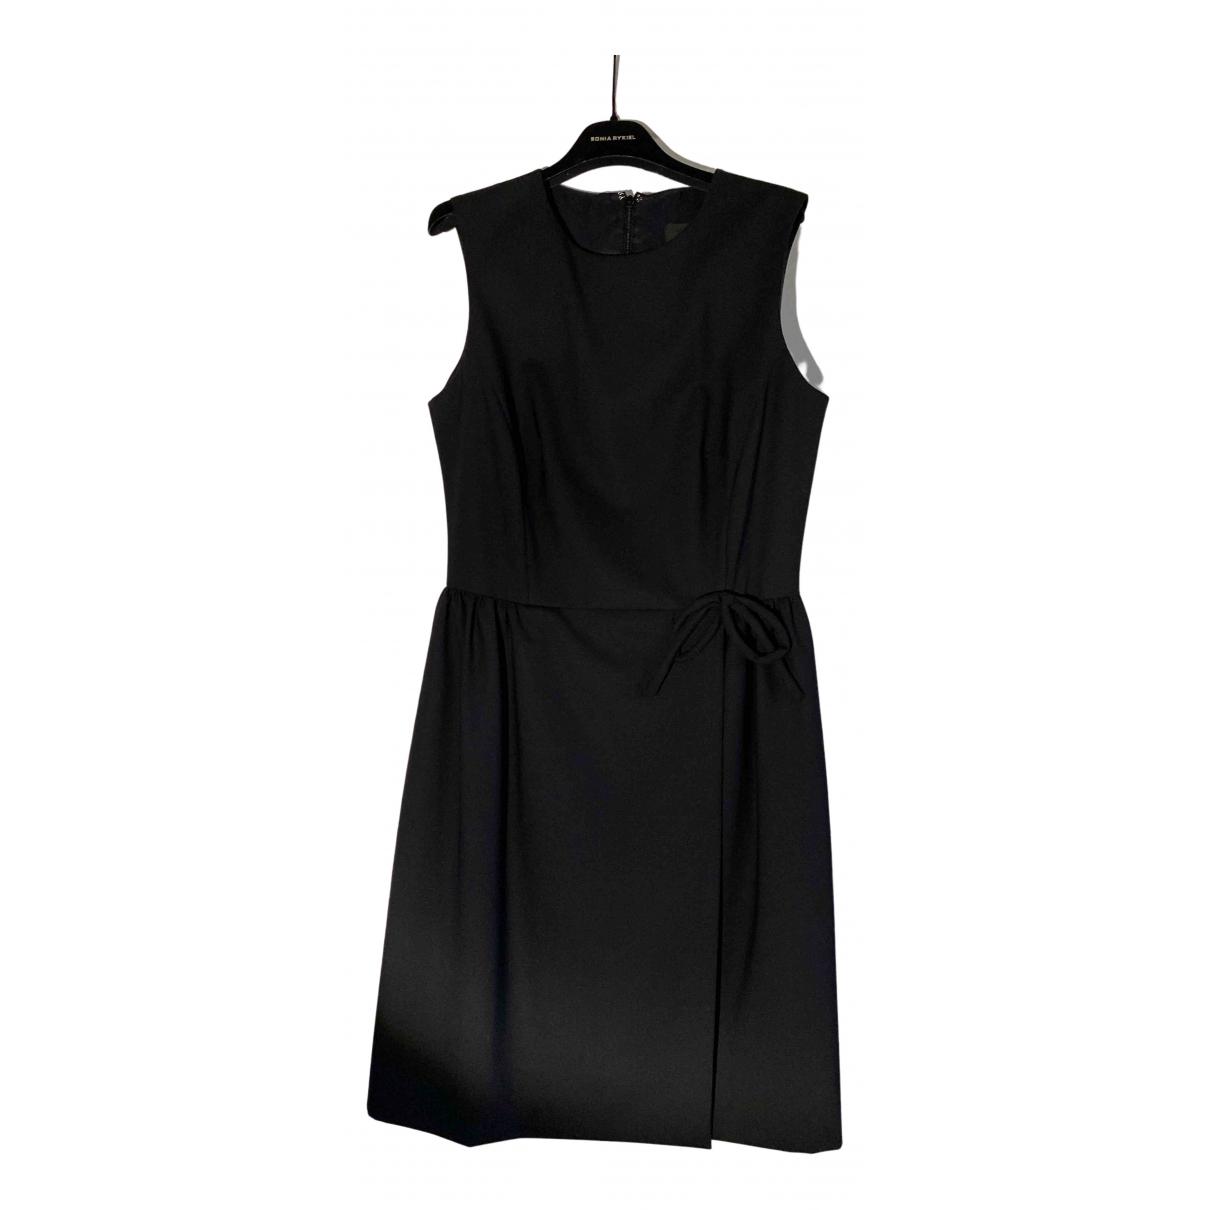 Paul Smith N Black Wool dress for Women 46 IT